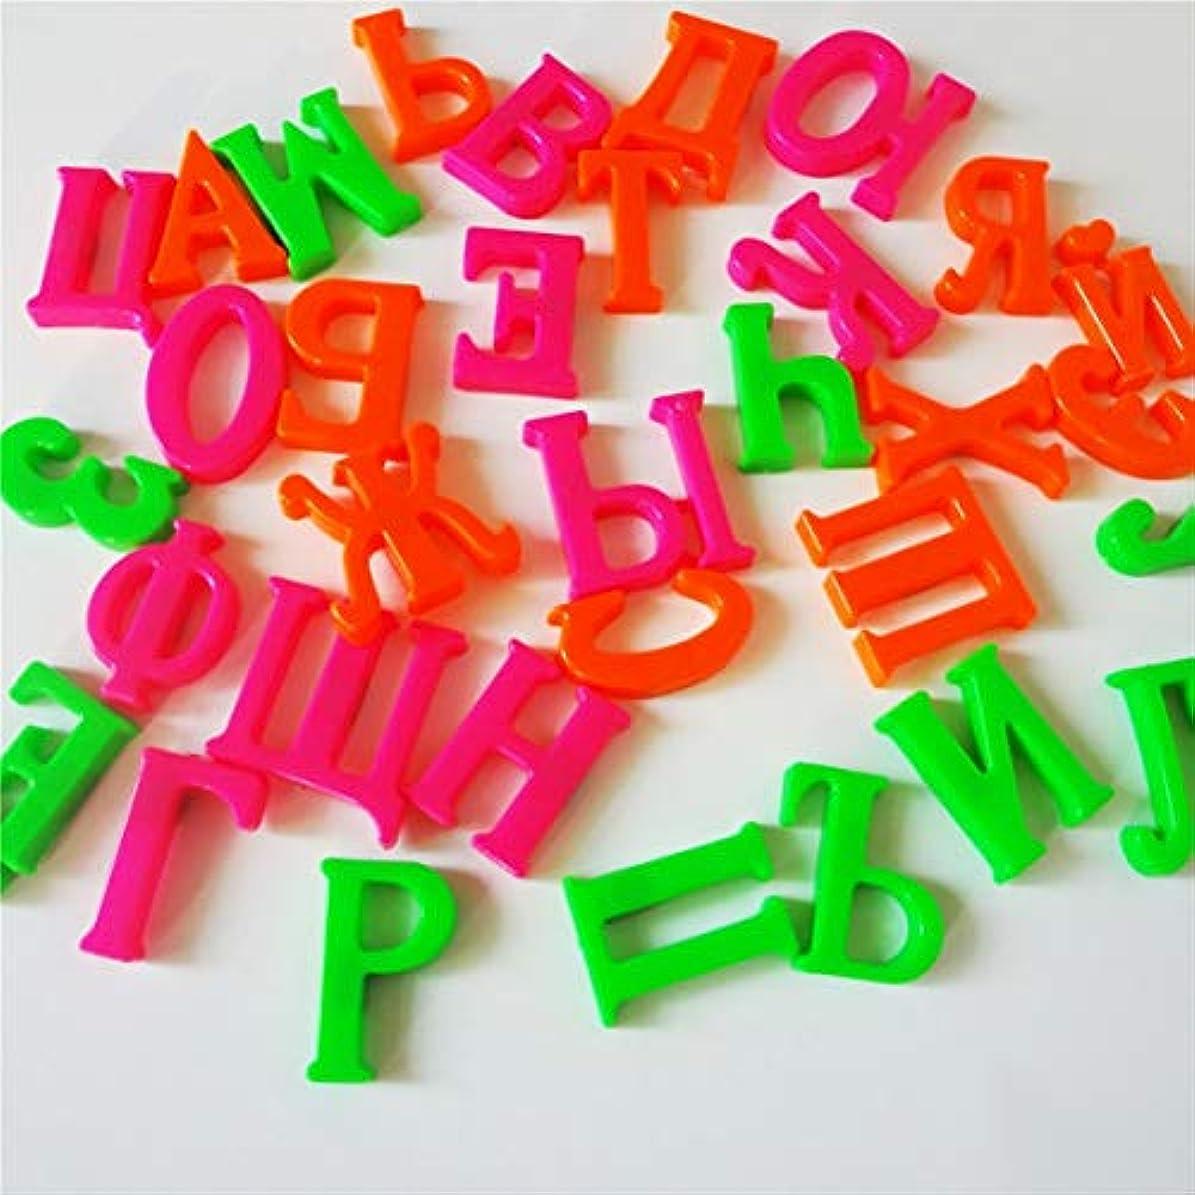 短くするアーチレンジKongqiabona 33個のロシアのアルファベットの冷蔵庫の磁石赤ちゃん教育学習玩具